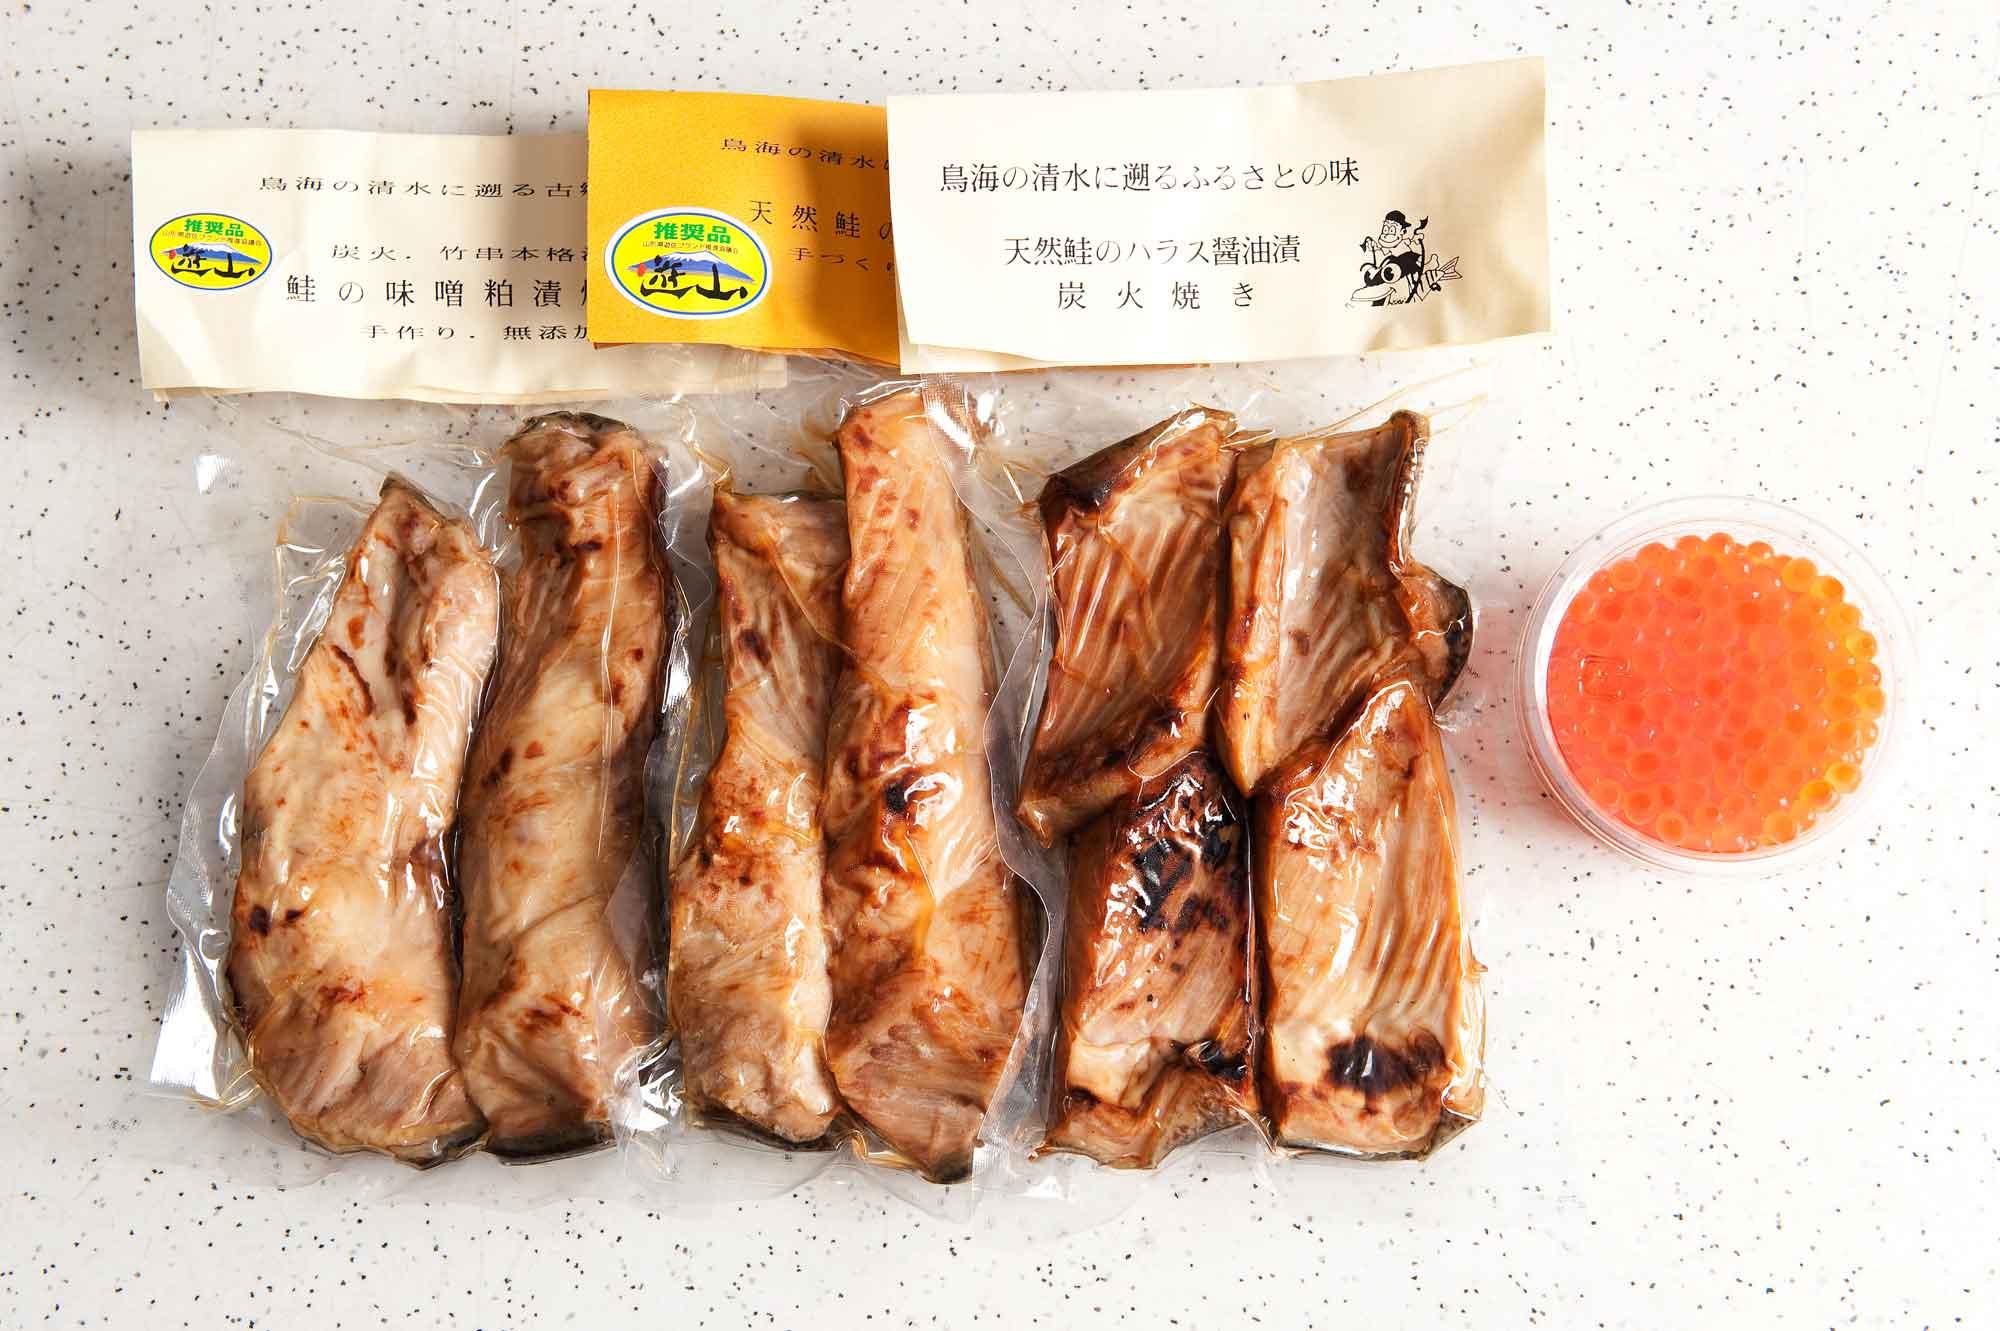 山形県アンテナショップおいしい山形 つくり手を訪ねて|鮭の味噌粕漬焼きやハラスの醤油漬焼きなどを販売。酒粕には地元の酒造蔵・東北泉の酒粕を使用しています。